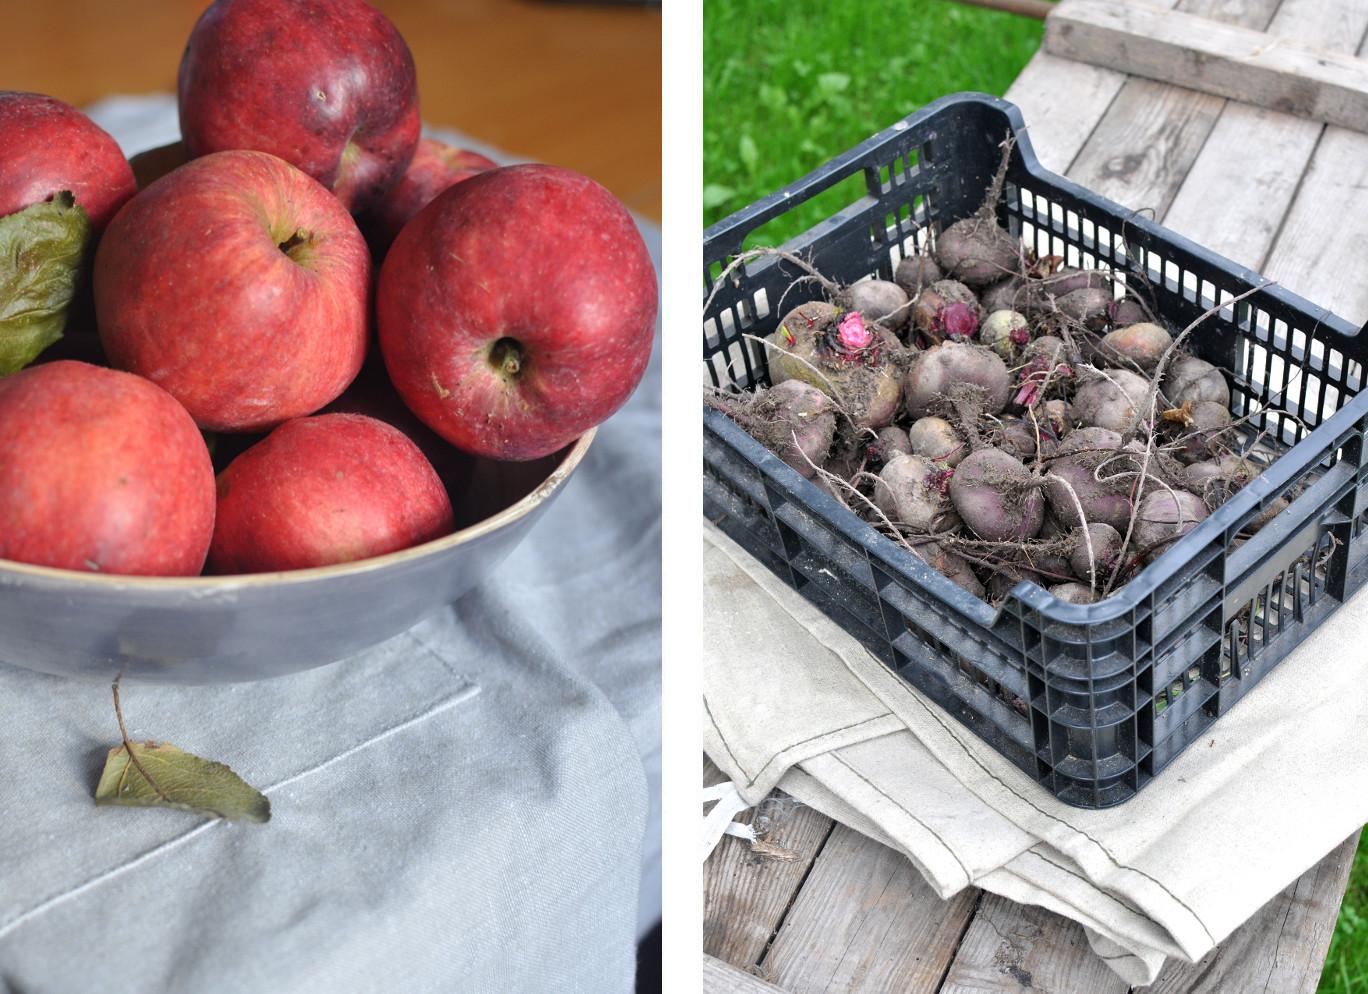 zdrowe odżywianie, jabłka i buraki, slowfood